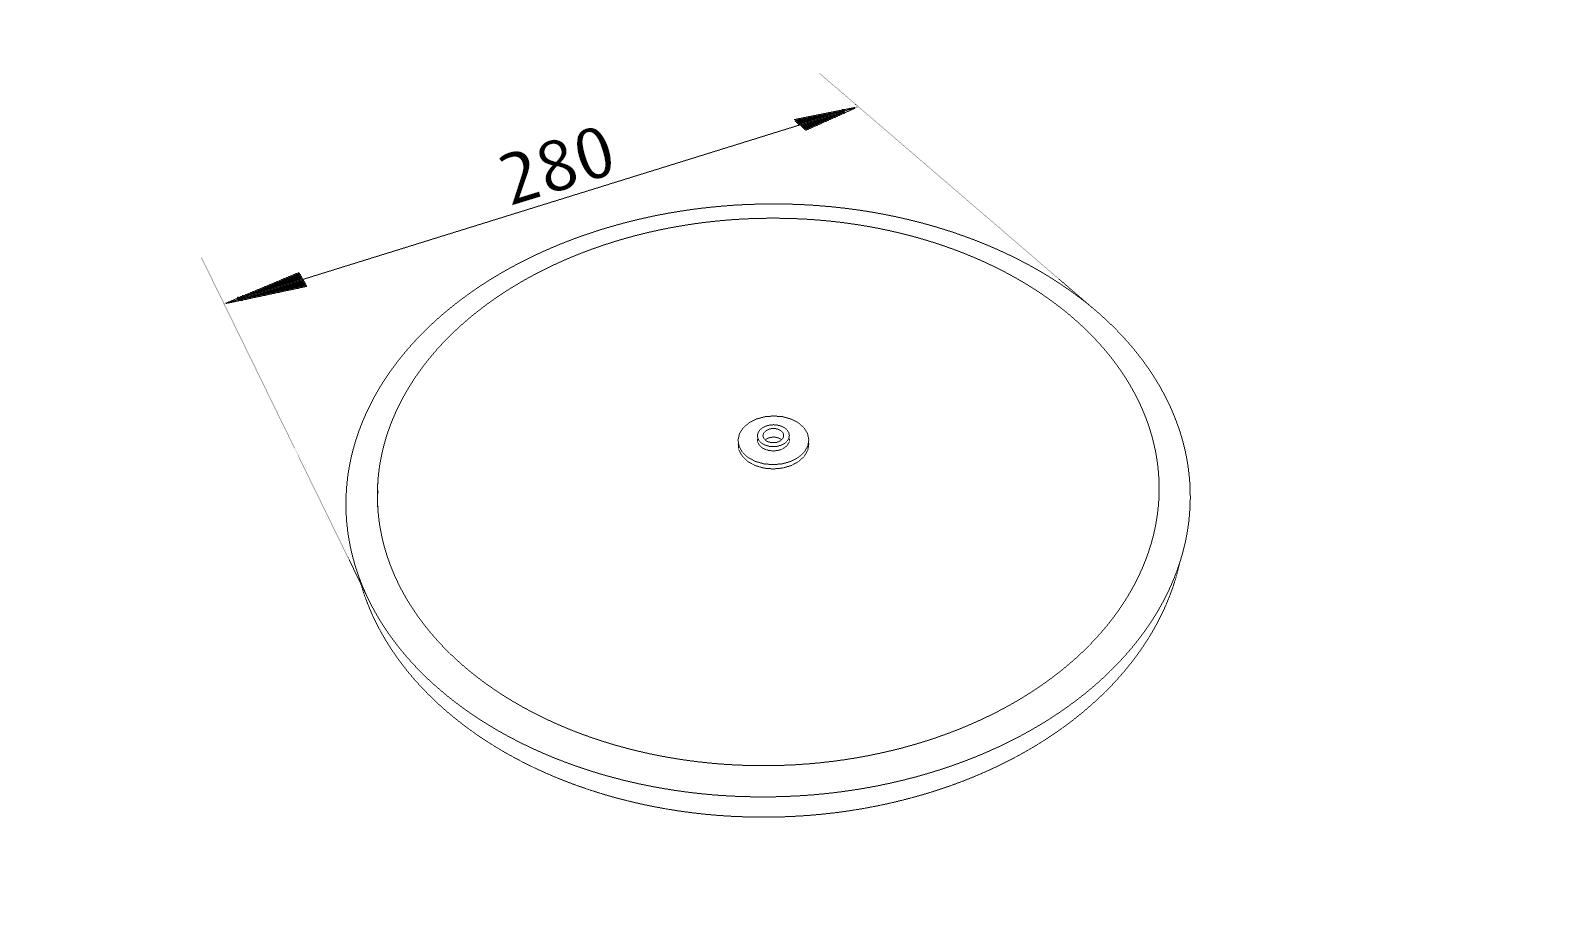 Fettfilter 280 mm Runt